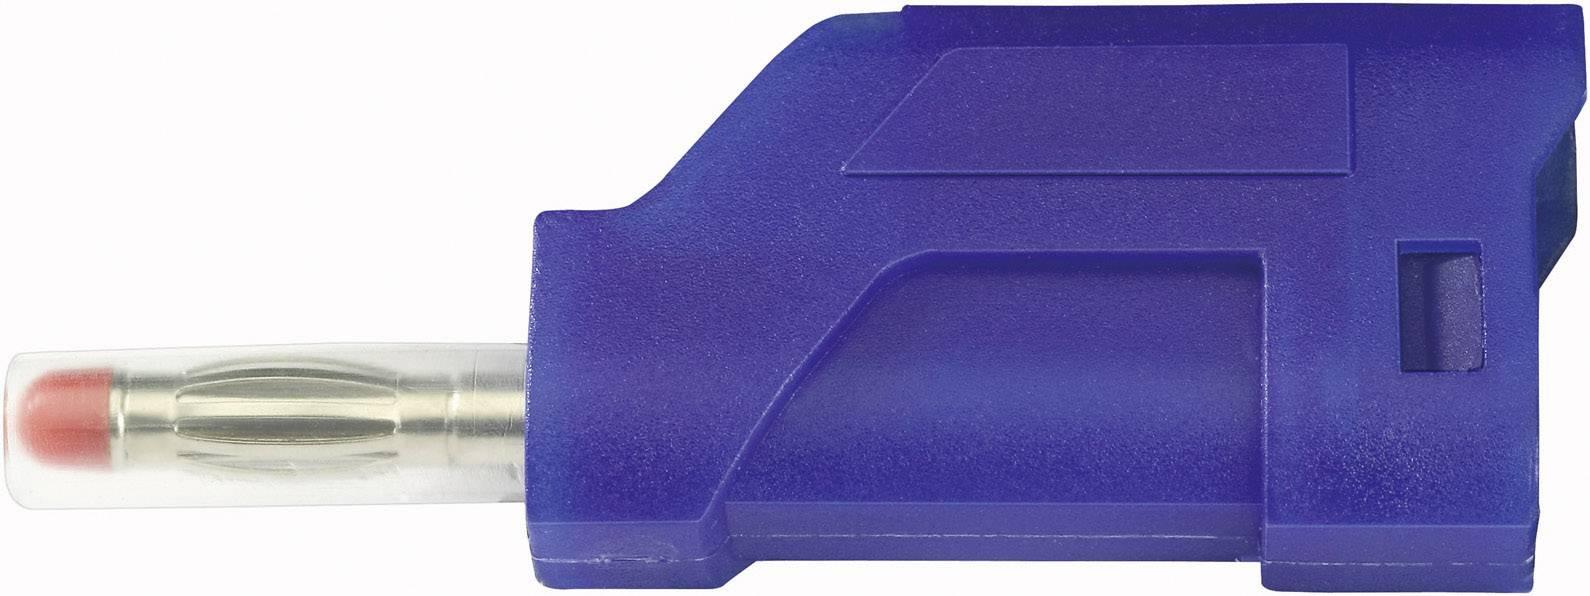 Lamelová zástrčka SCI R8-104 BL – zástrčka, rovná, Ø hrotu: 4 mm, modrá, 1 ks